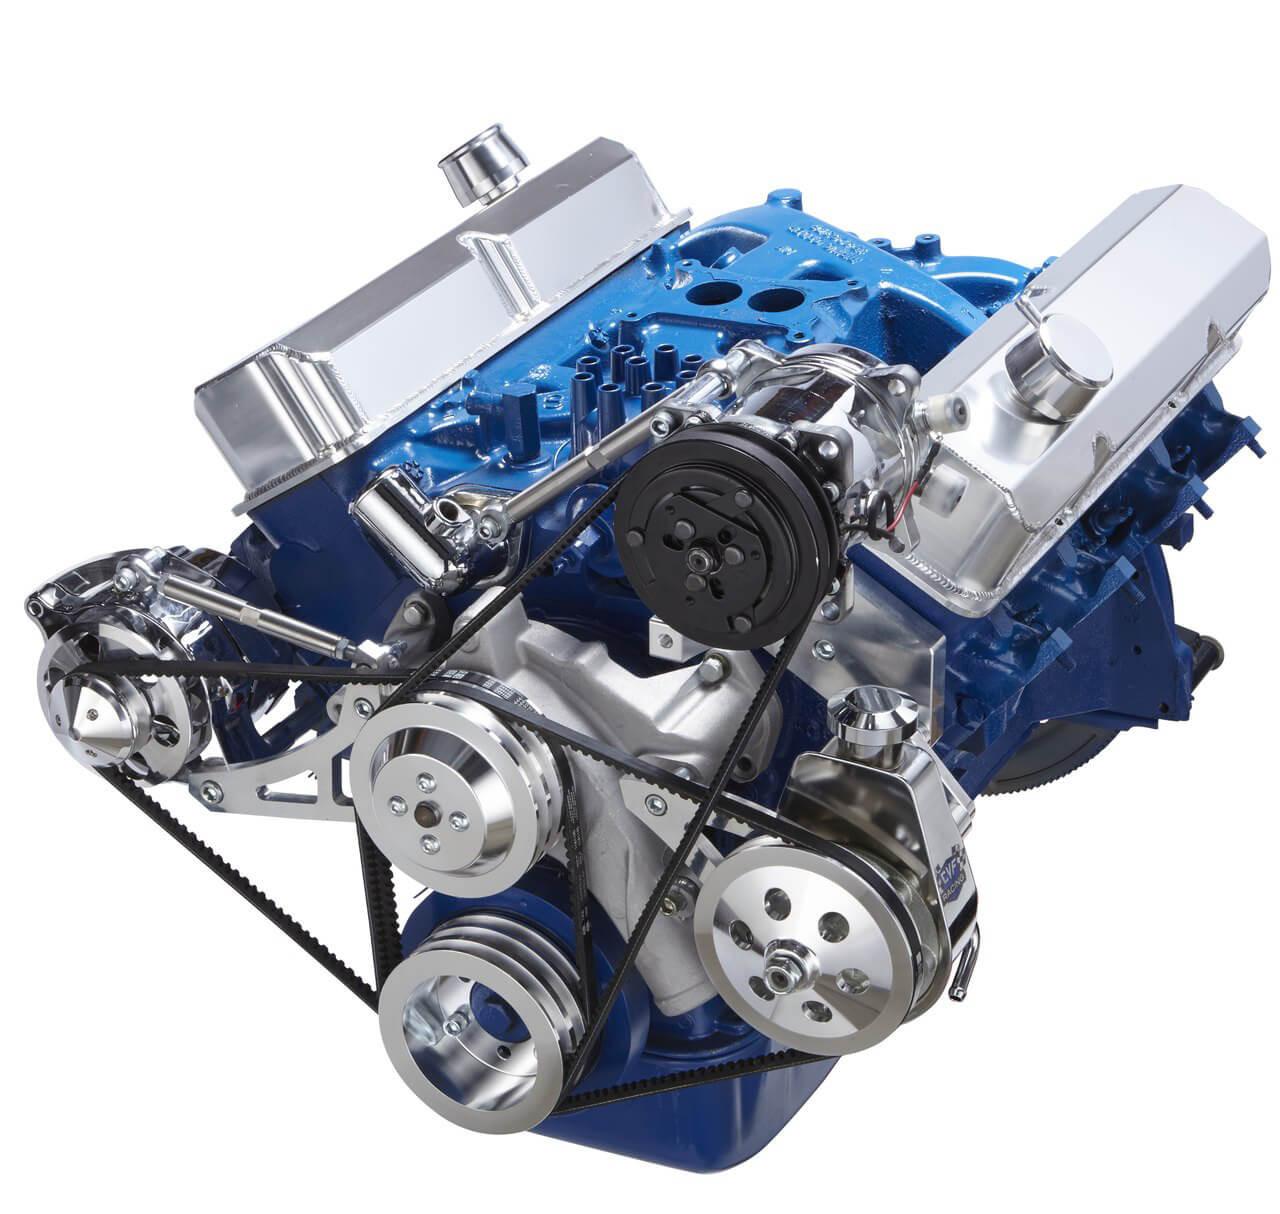 ford 390 fe engine v belt pulley system sanden compressor. Black Bedroom Furniture Sets. Home Design Ideas